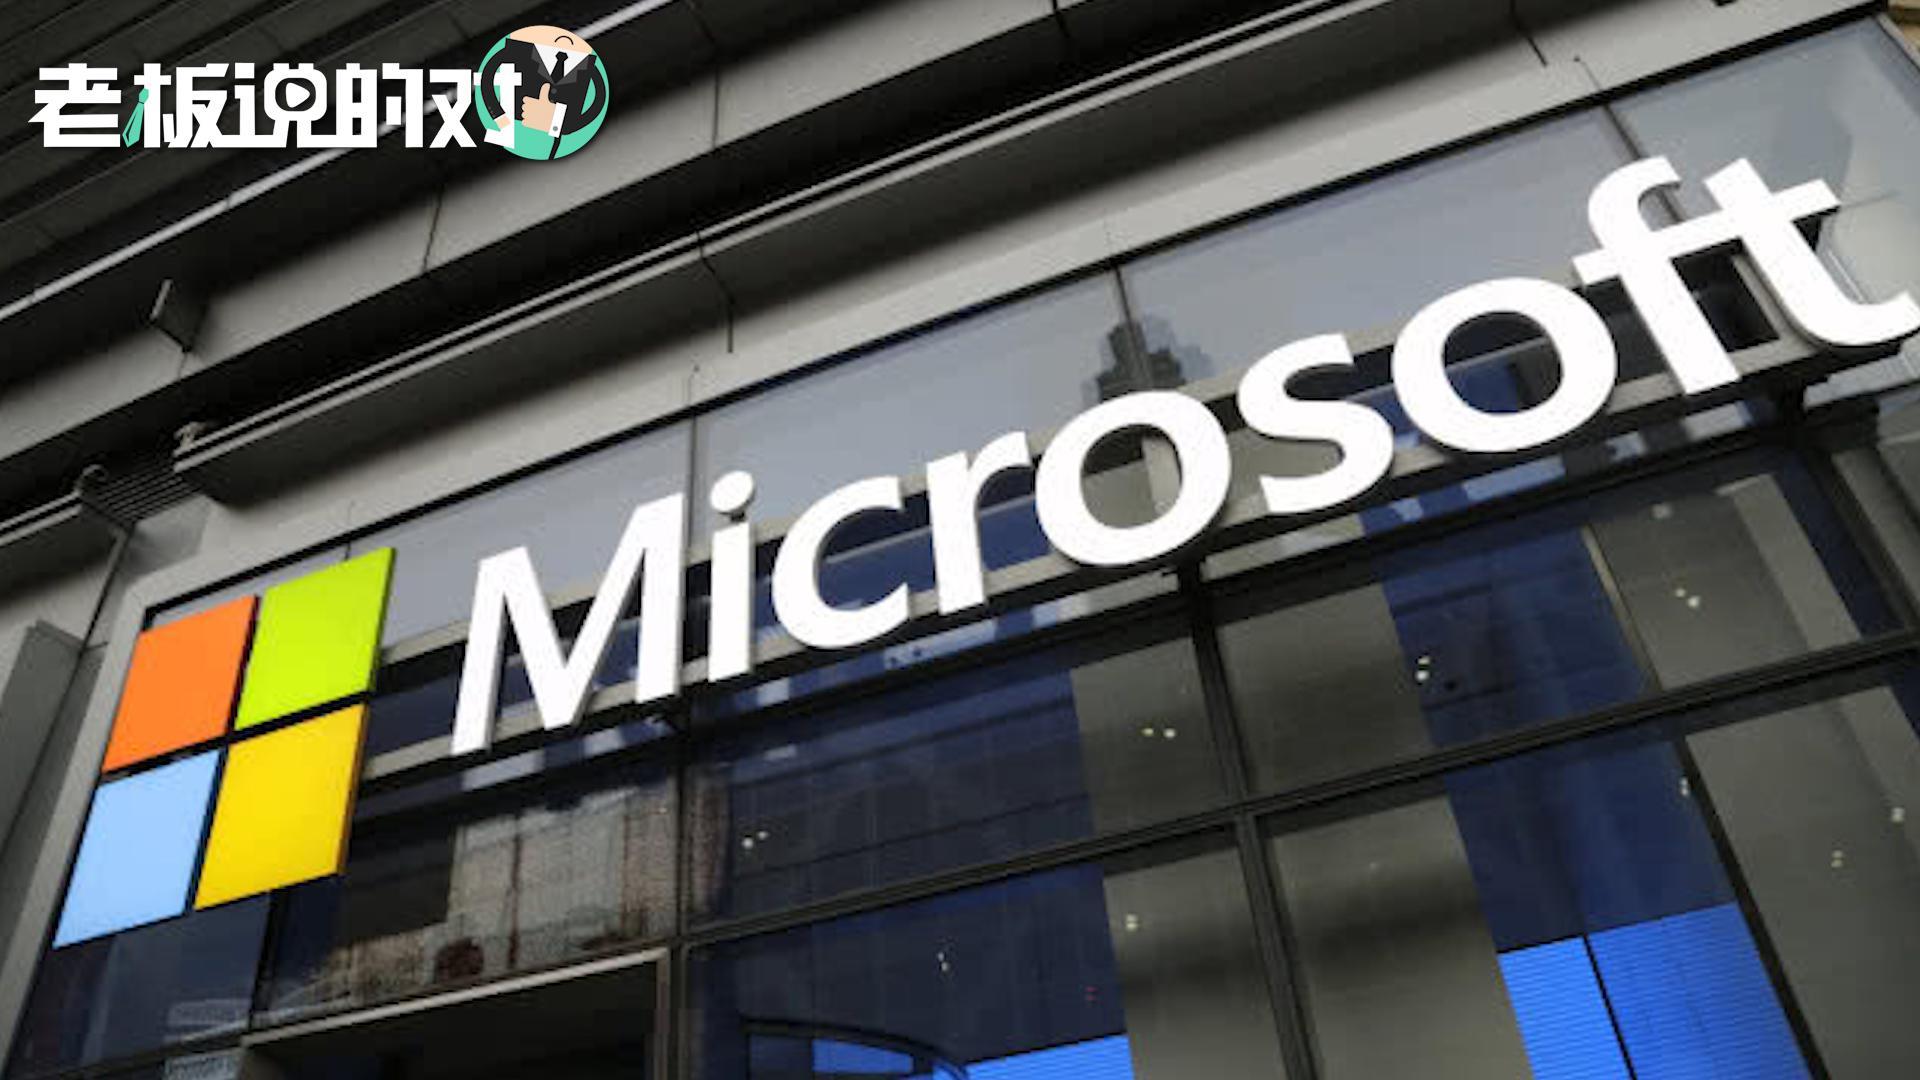 """云计算收益首超Windows业务!微软能否""""夺""""亚马逊31.8%市场?"""